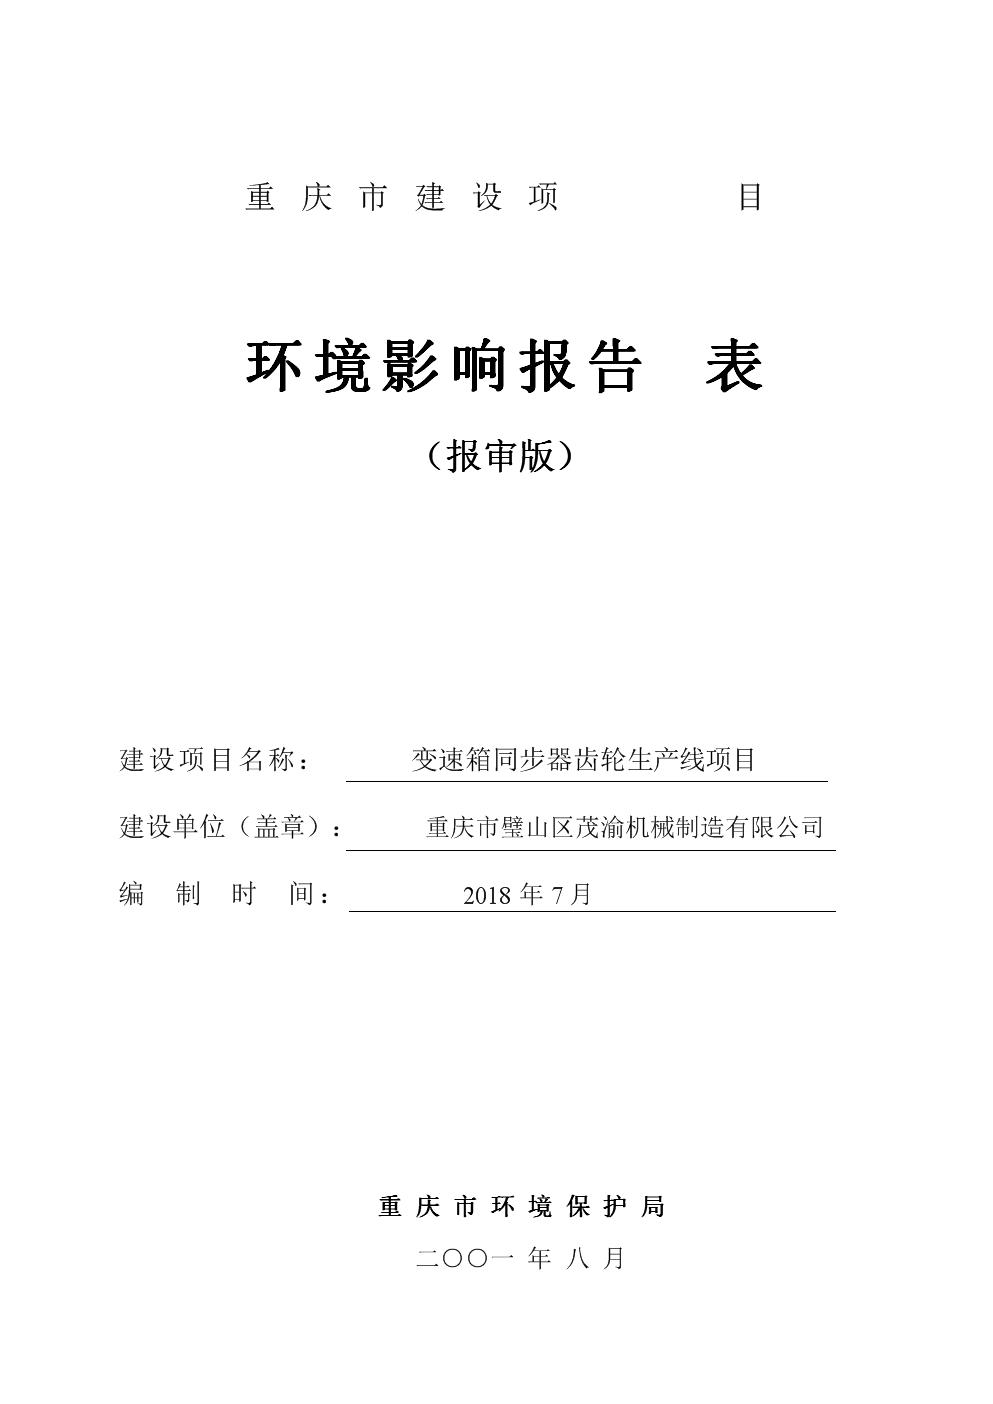 重庆建设项目变速箱同步器齿轮生产线项目.doc